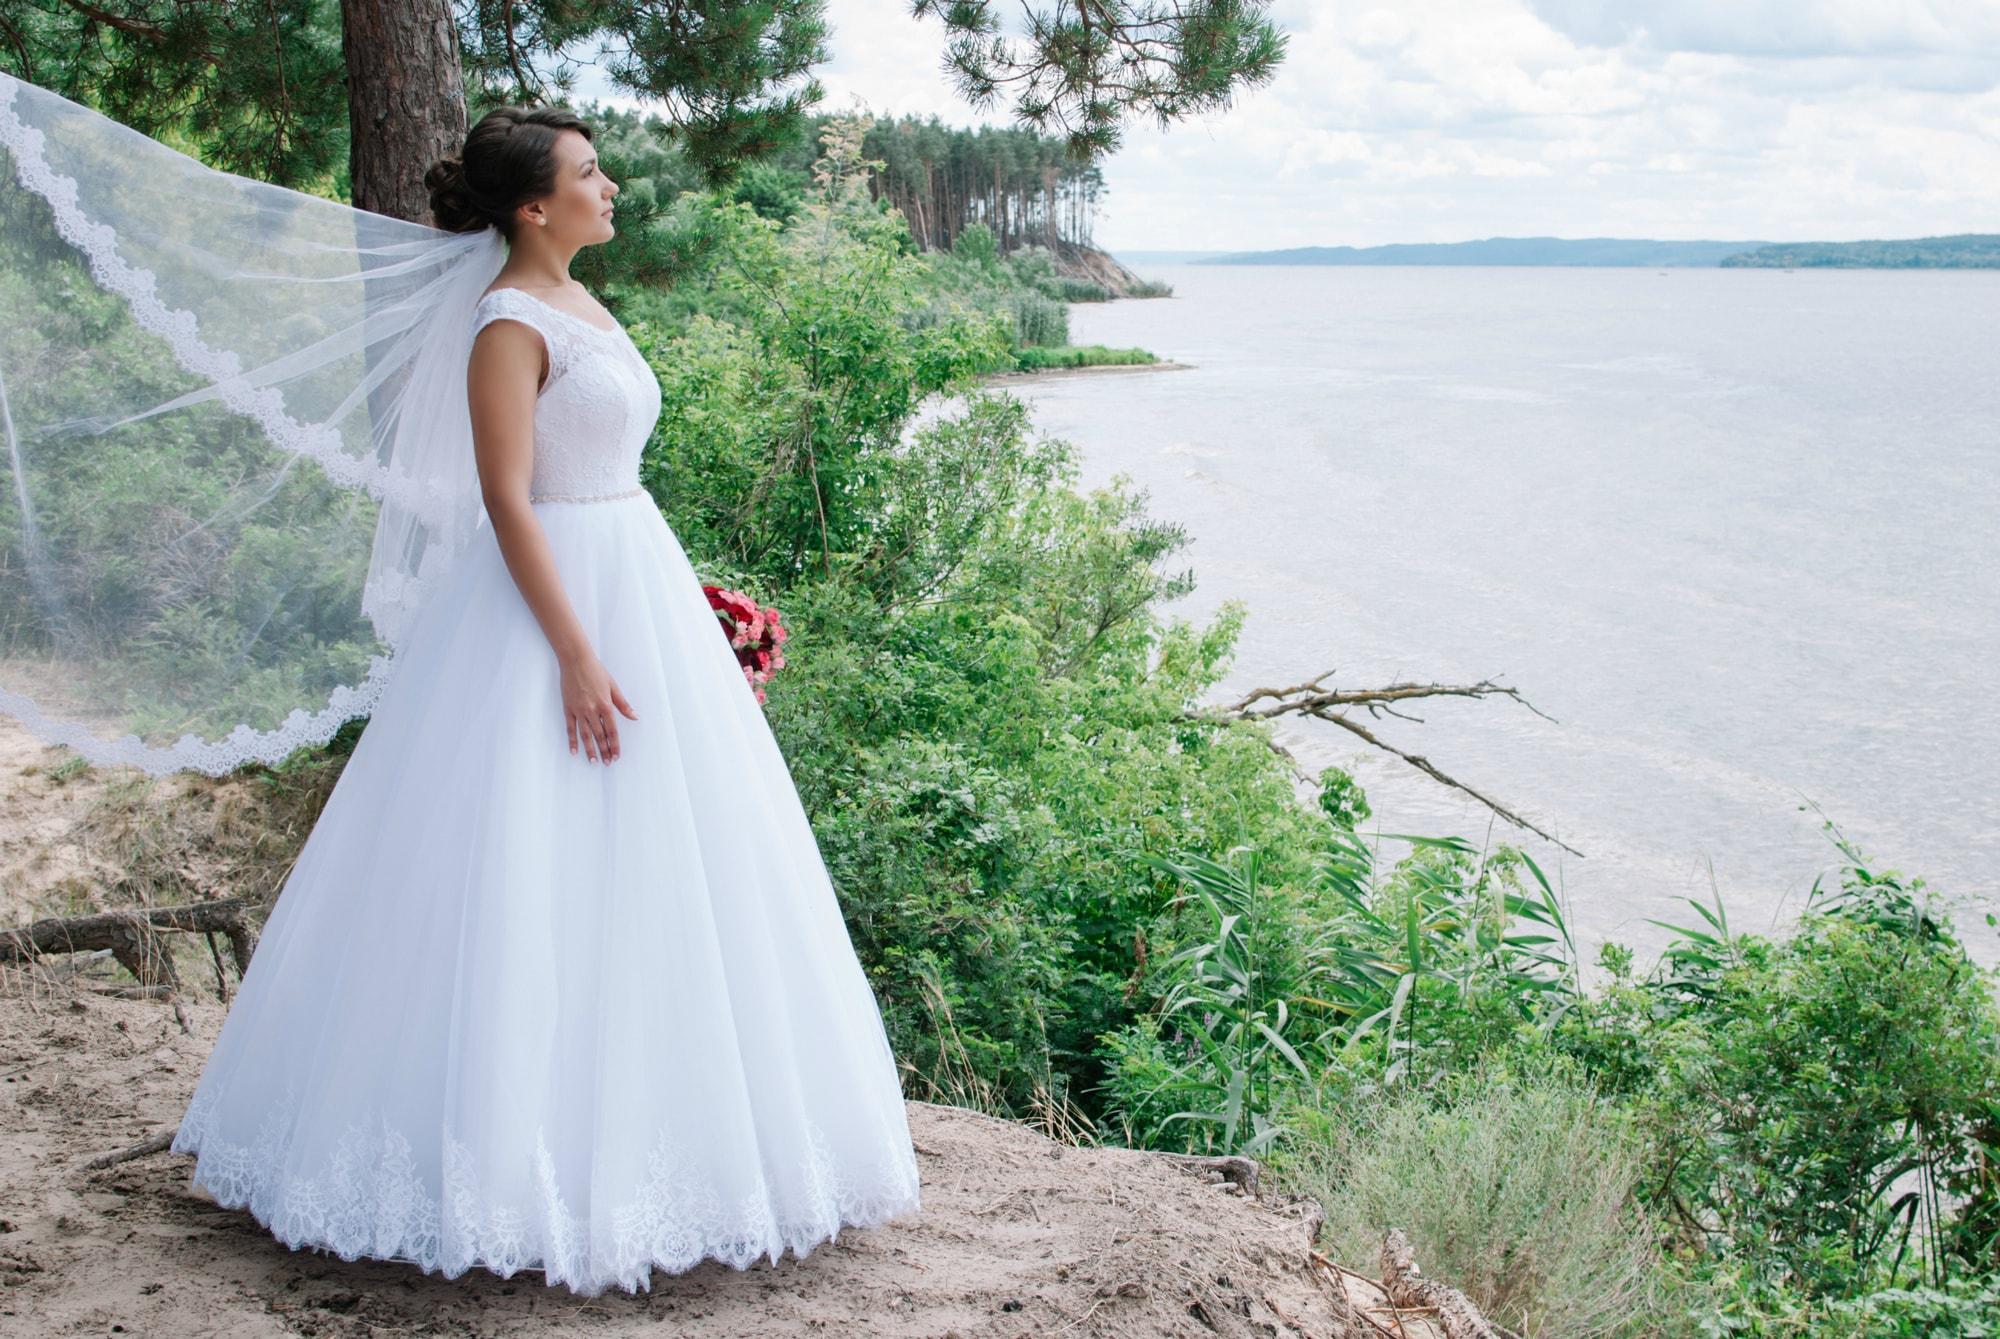 Невеста над обрывом - Фотограф Киев - Женя Лайт